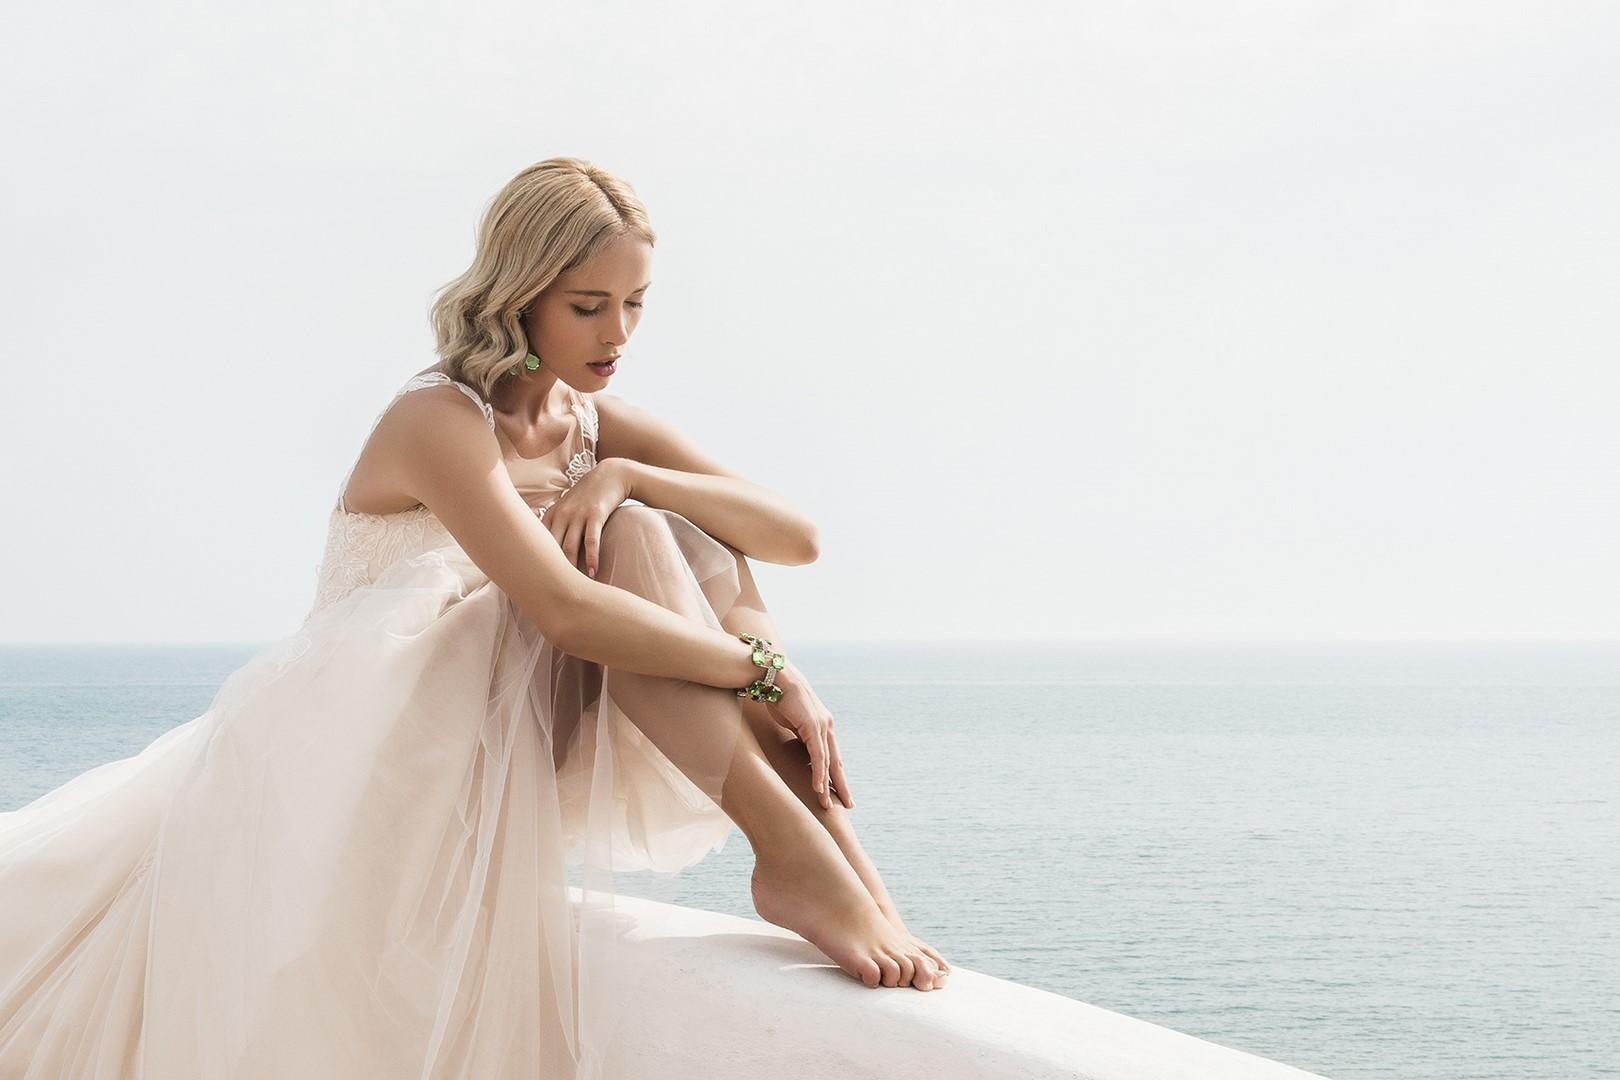 AnastasiaJillian Elianto-0945 copia Jillian Abiti da sposa Collezione 2020.jpg